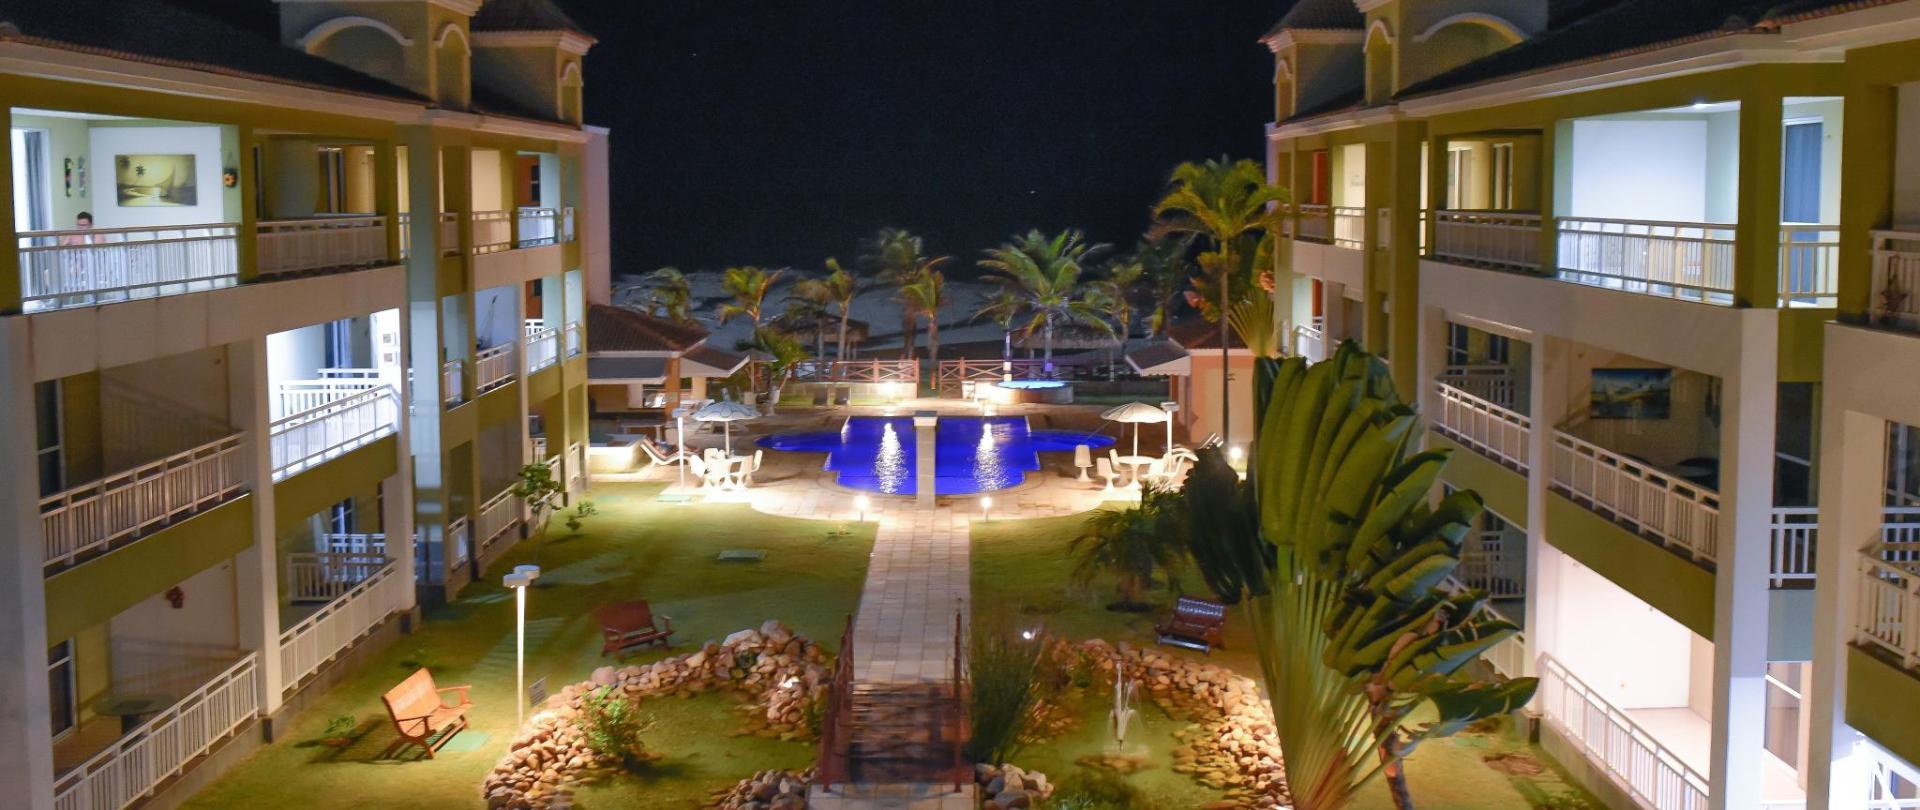 Apart Hotel Atlántico